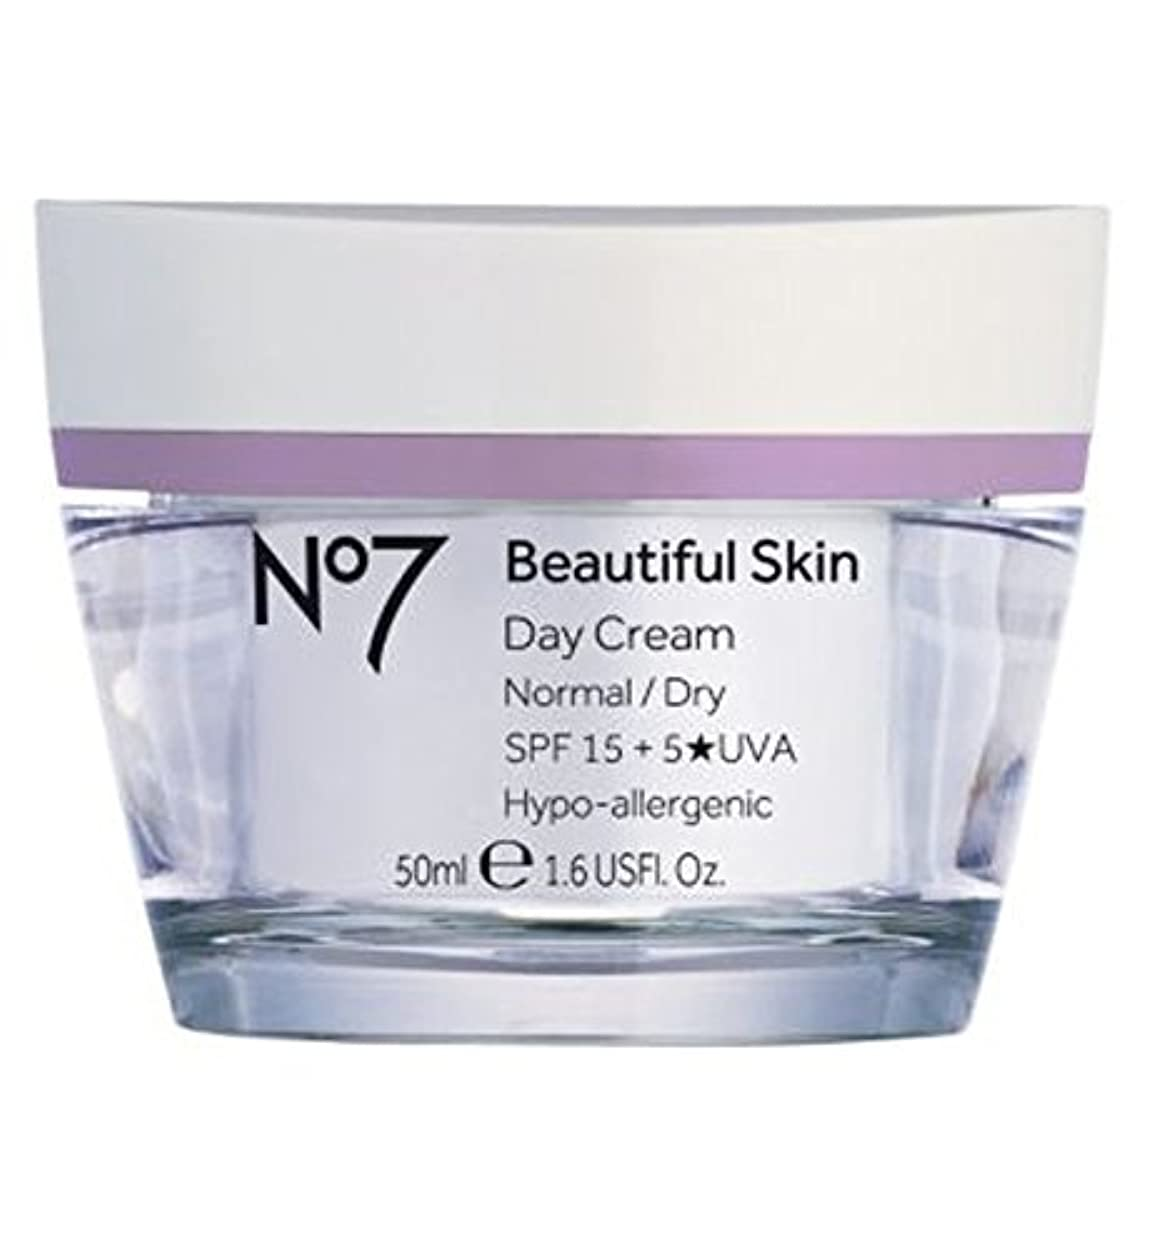 糞ビンジャンクNo7 Beautiful Skin Day Cream for Normal / Dry Skin SPF 15 50ml - ノーマル/ドライスキンSpf 15 50ミリリットルのためNo7美肌デイクリーム (No7) [並行輸入品]